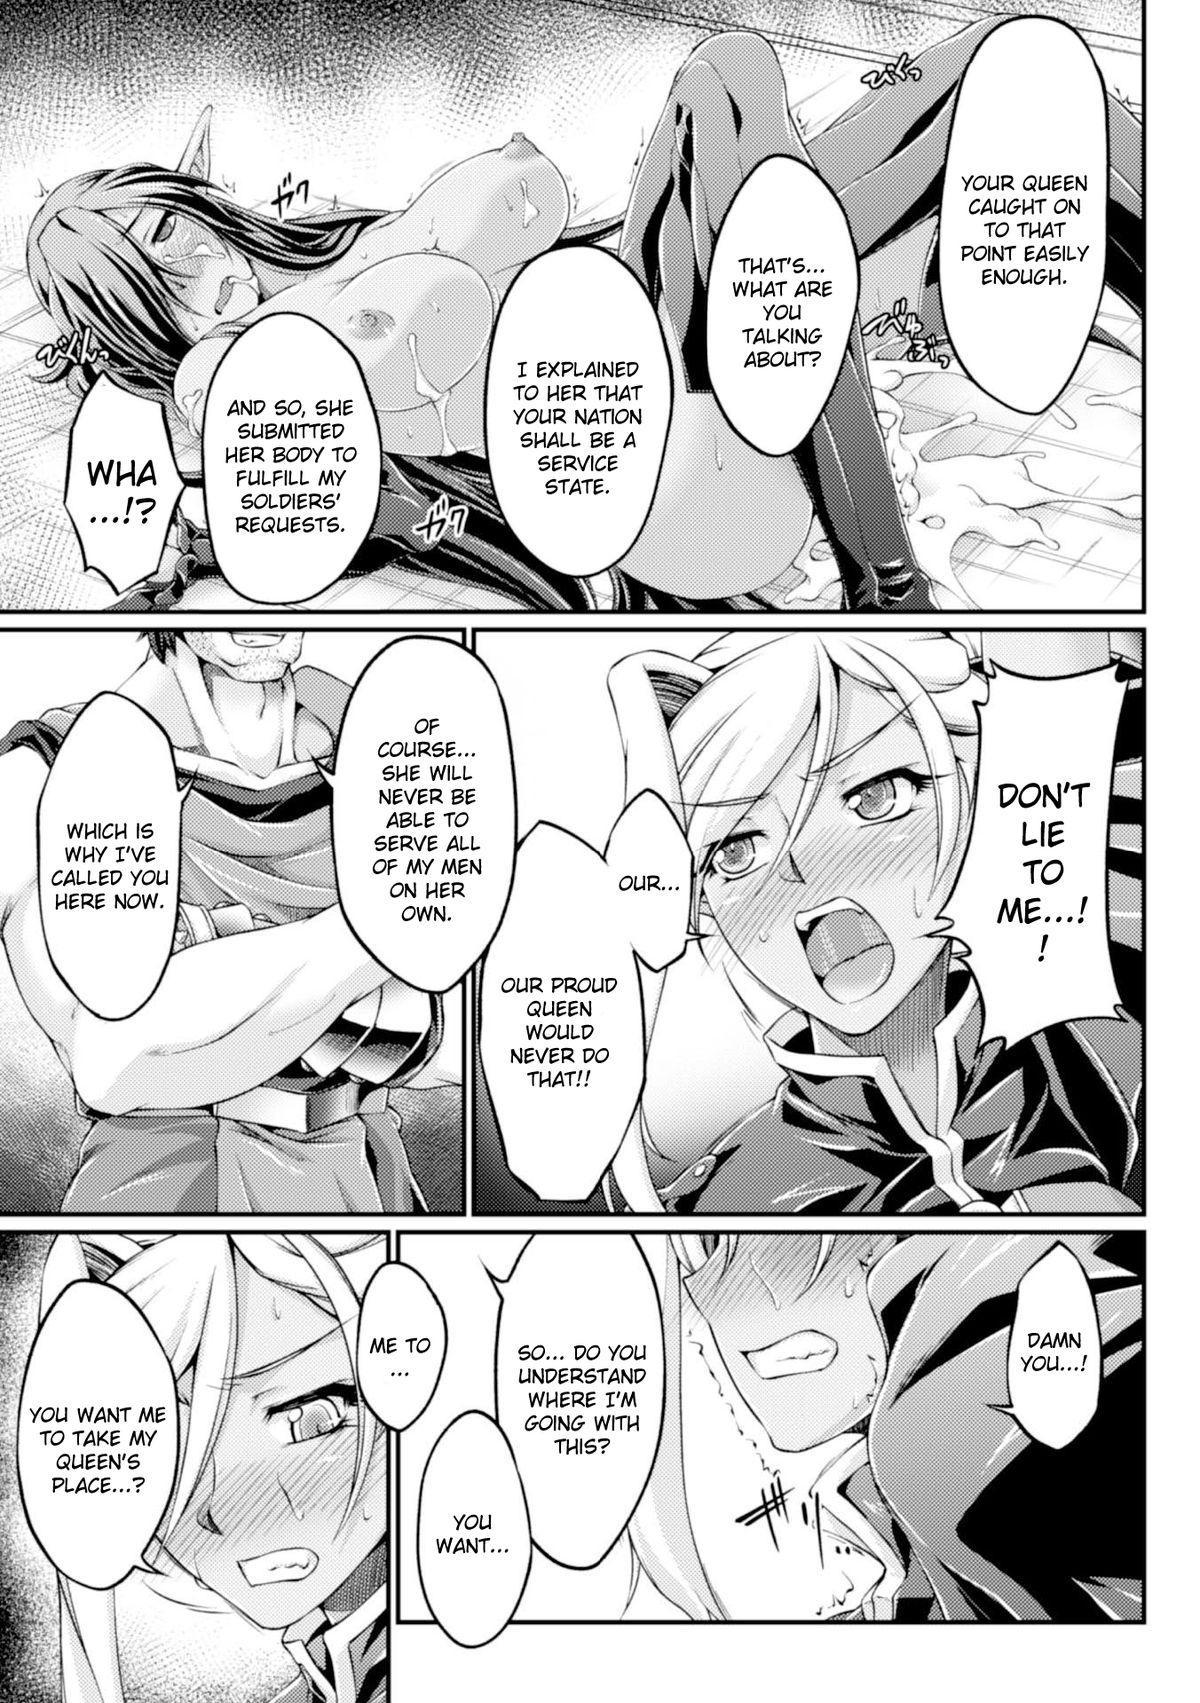 [Ootsuki Wataru] Kuroinu ~Kedakaki Seijo wa Hakudaku ni Somaru~ THE COMIC Chapters 1-5 [English] {Kizlan} [Digital] 22